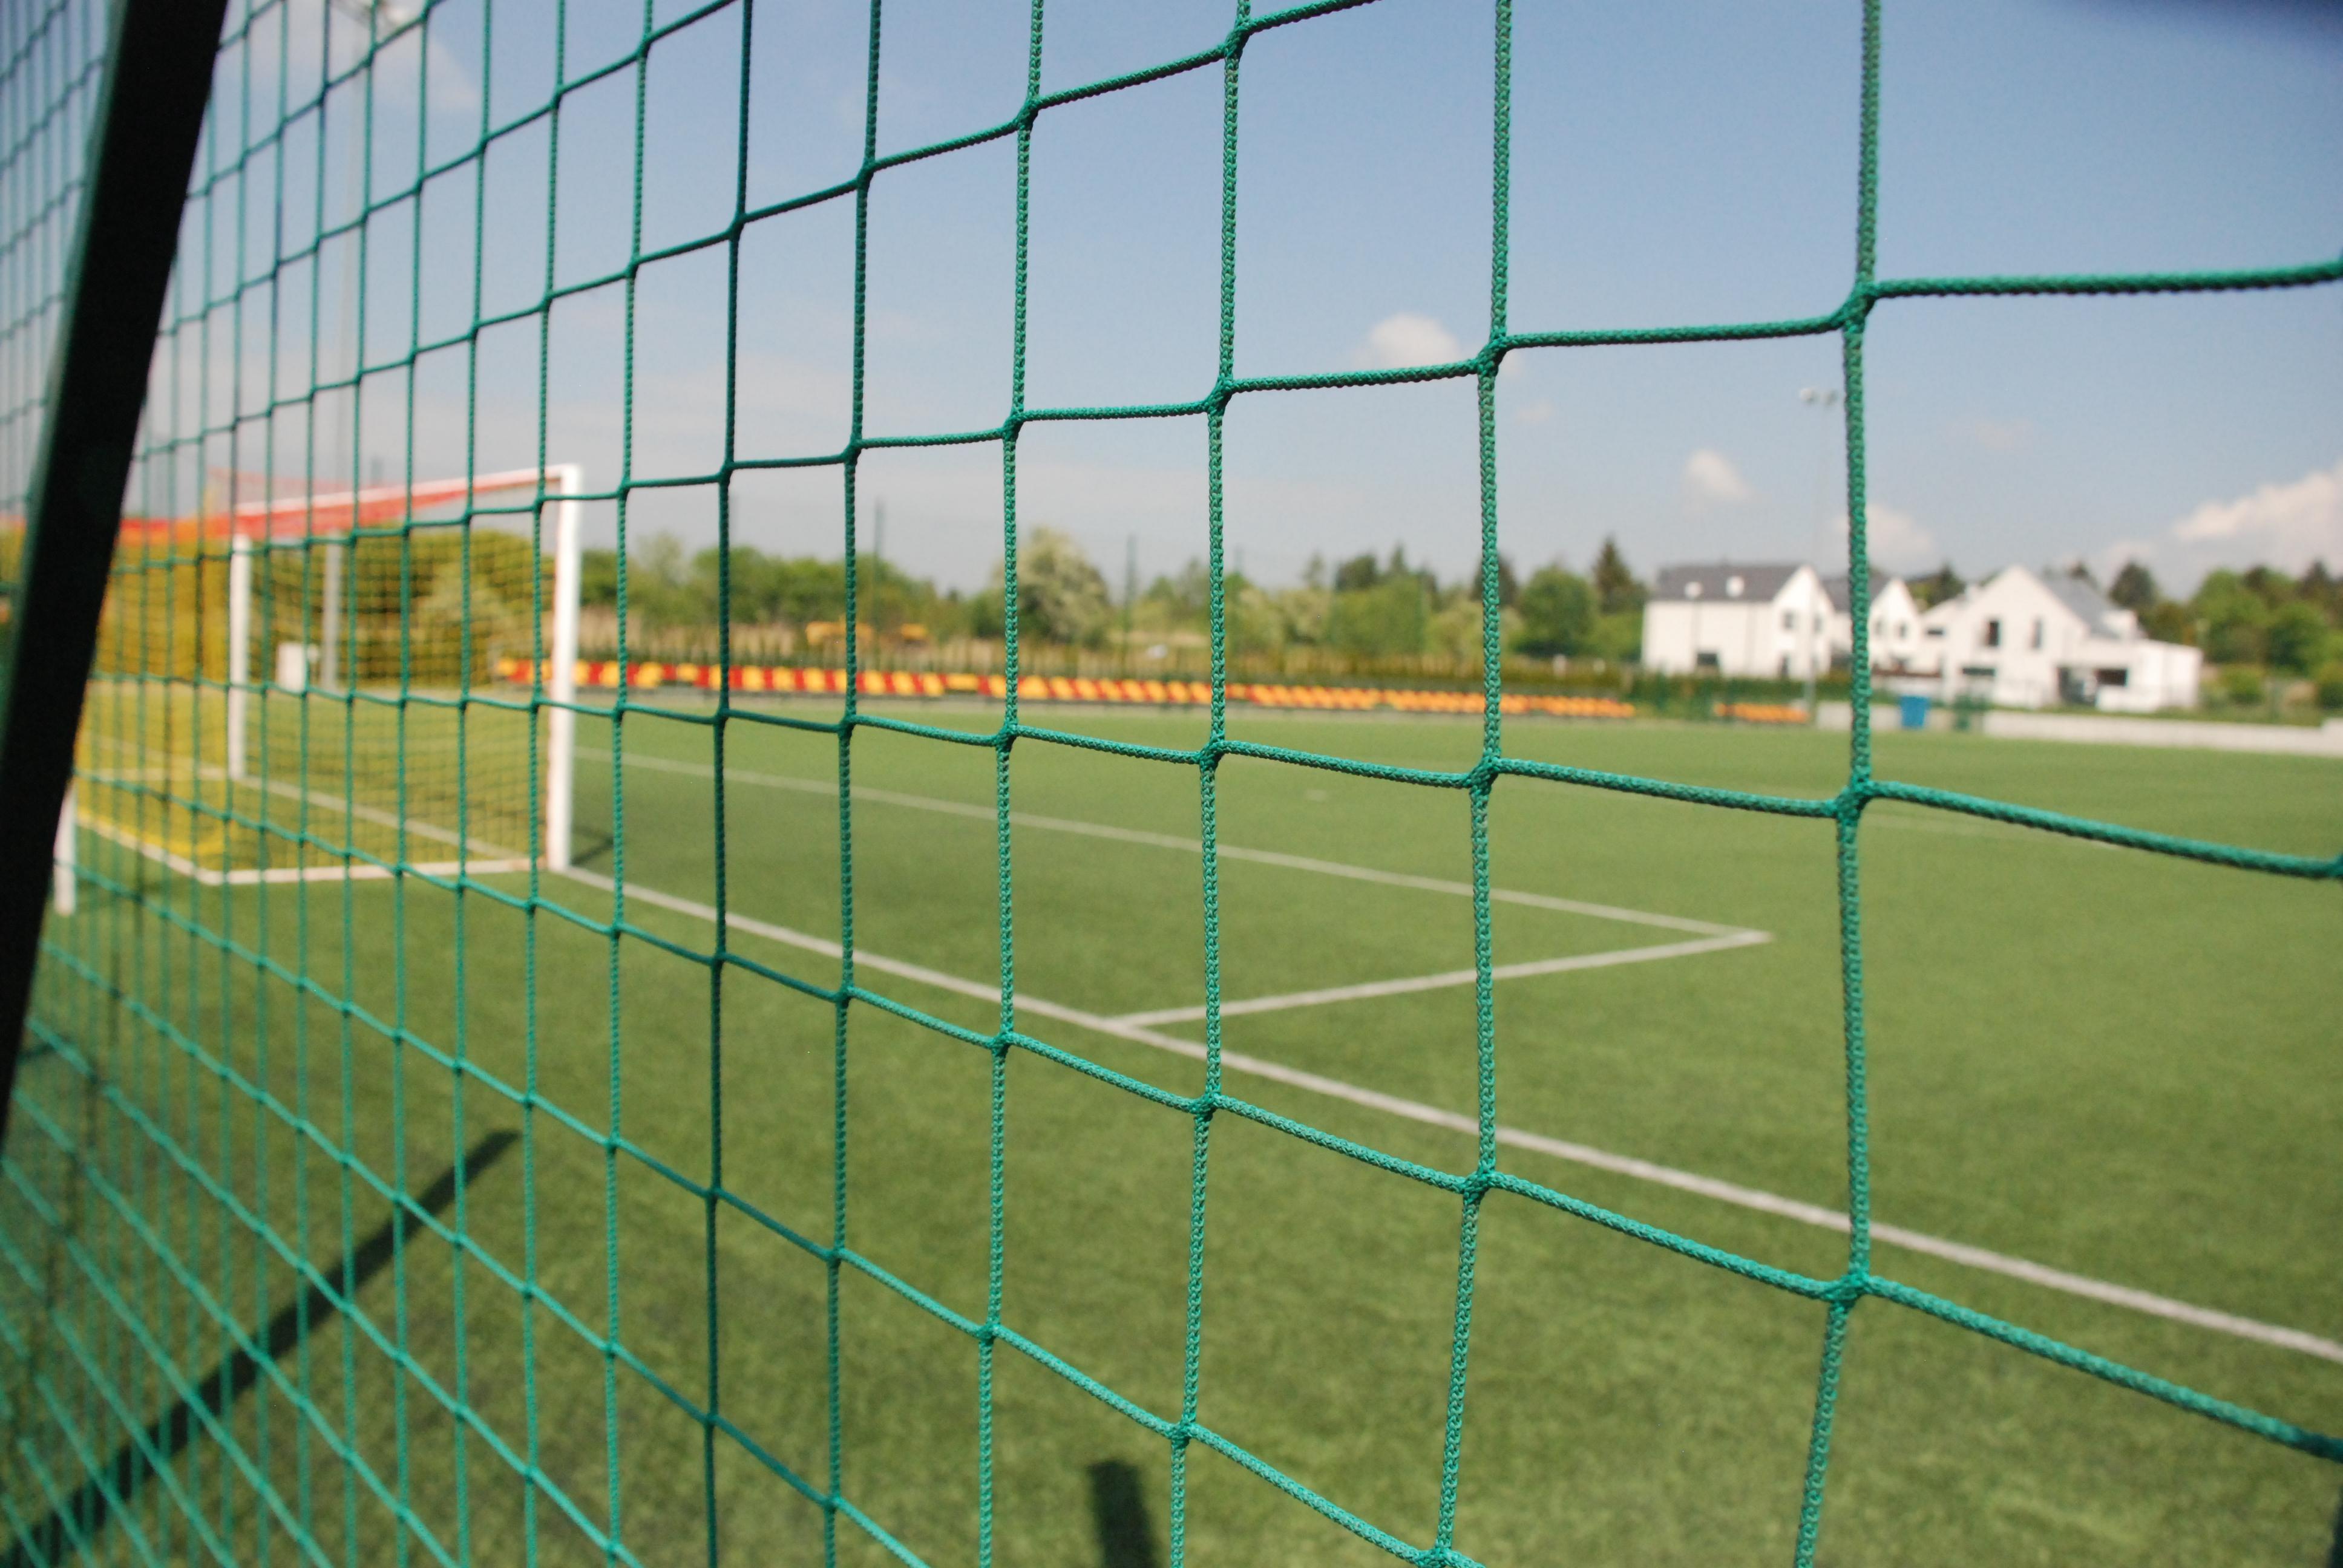 Pełnowymiarowe boisko do piłki nożnej ze sztuczną nawierzchnią przy ulicy Konwaliowej w Suchym Lesie